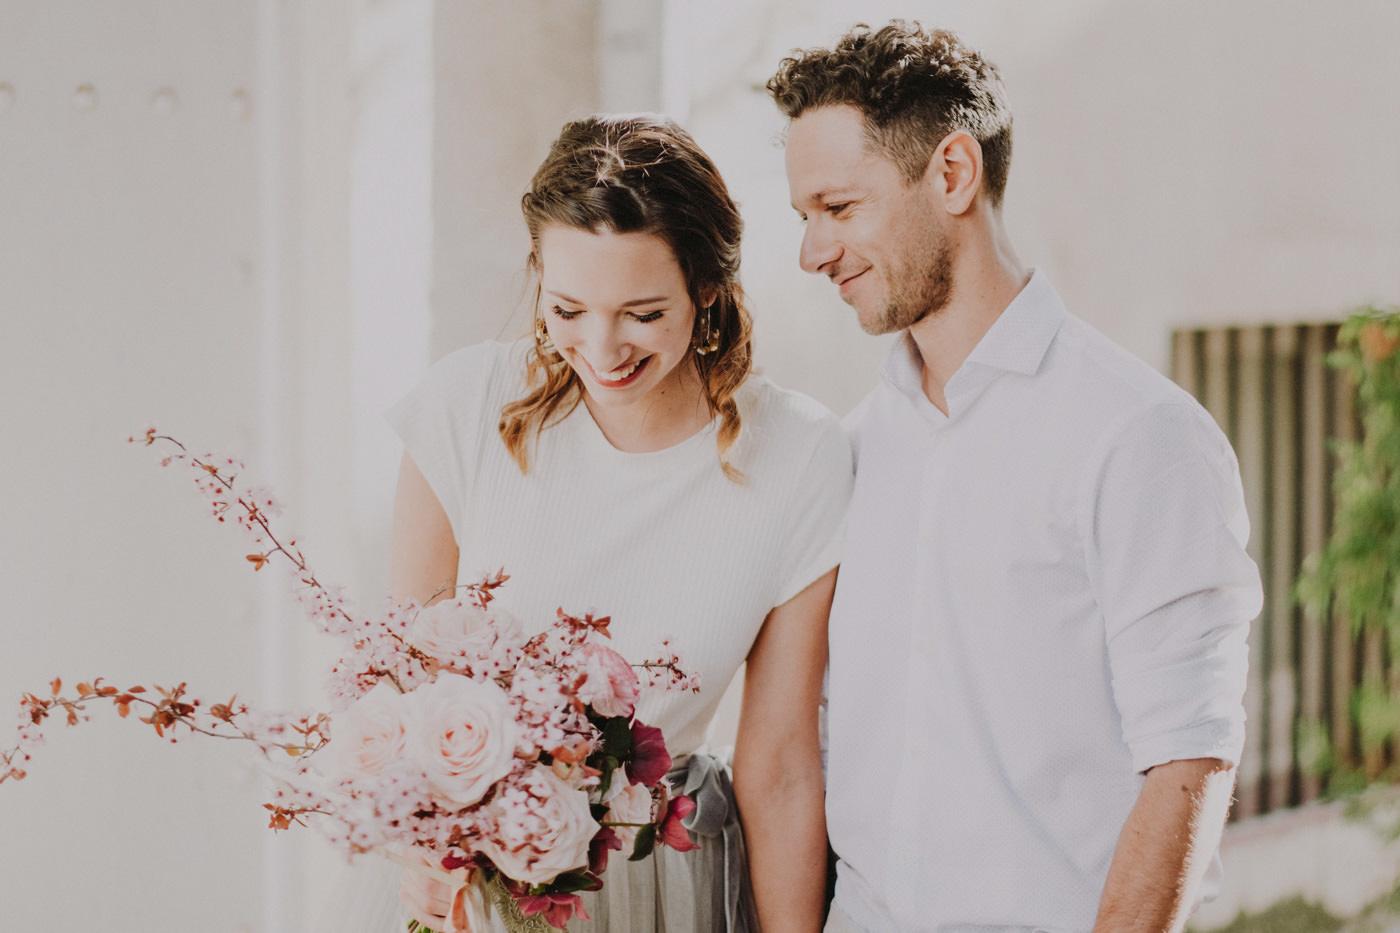 fotografo di matrimonio reportage di coppia-13.jpg